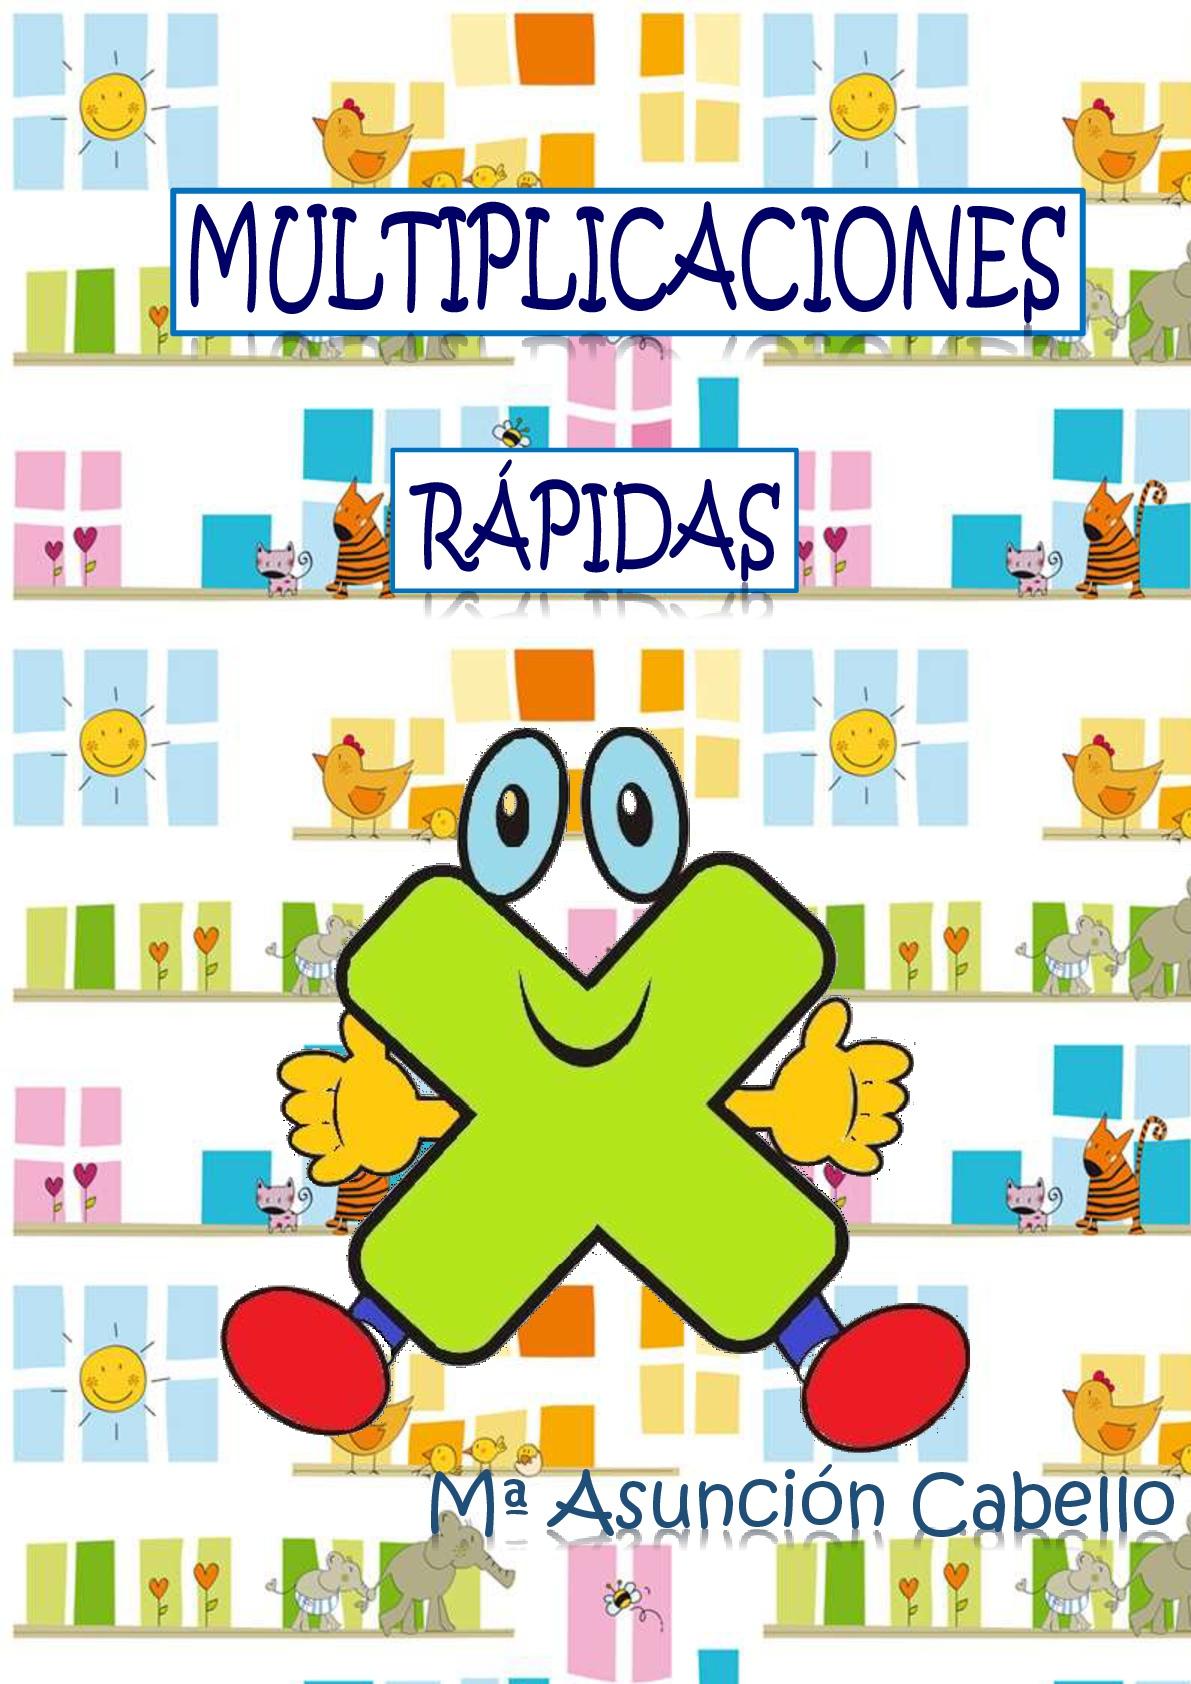 multiplicaciones-rapidas-una-cifra-protegido-001